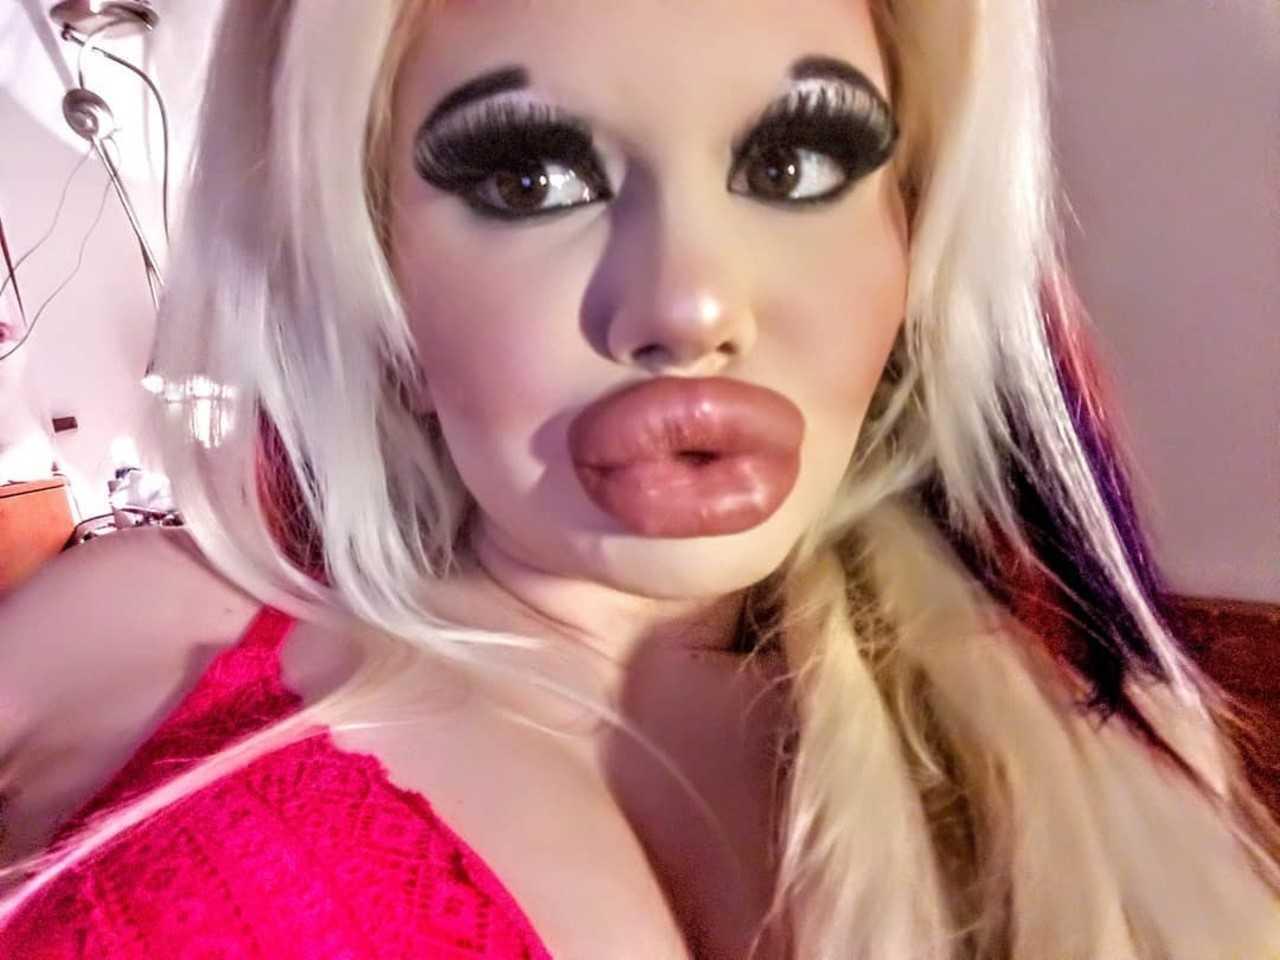 Elle subit plusieurs opérations pour ressembler à Barbie Le résultat est plutôt étrange